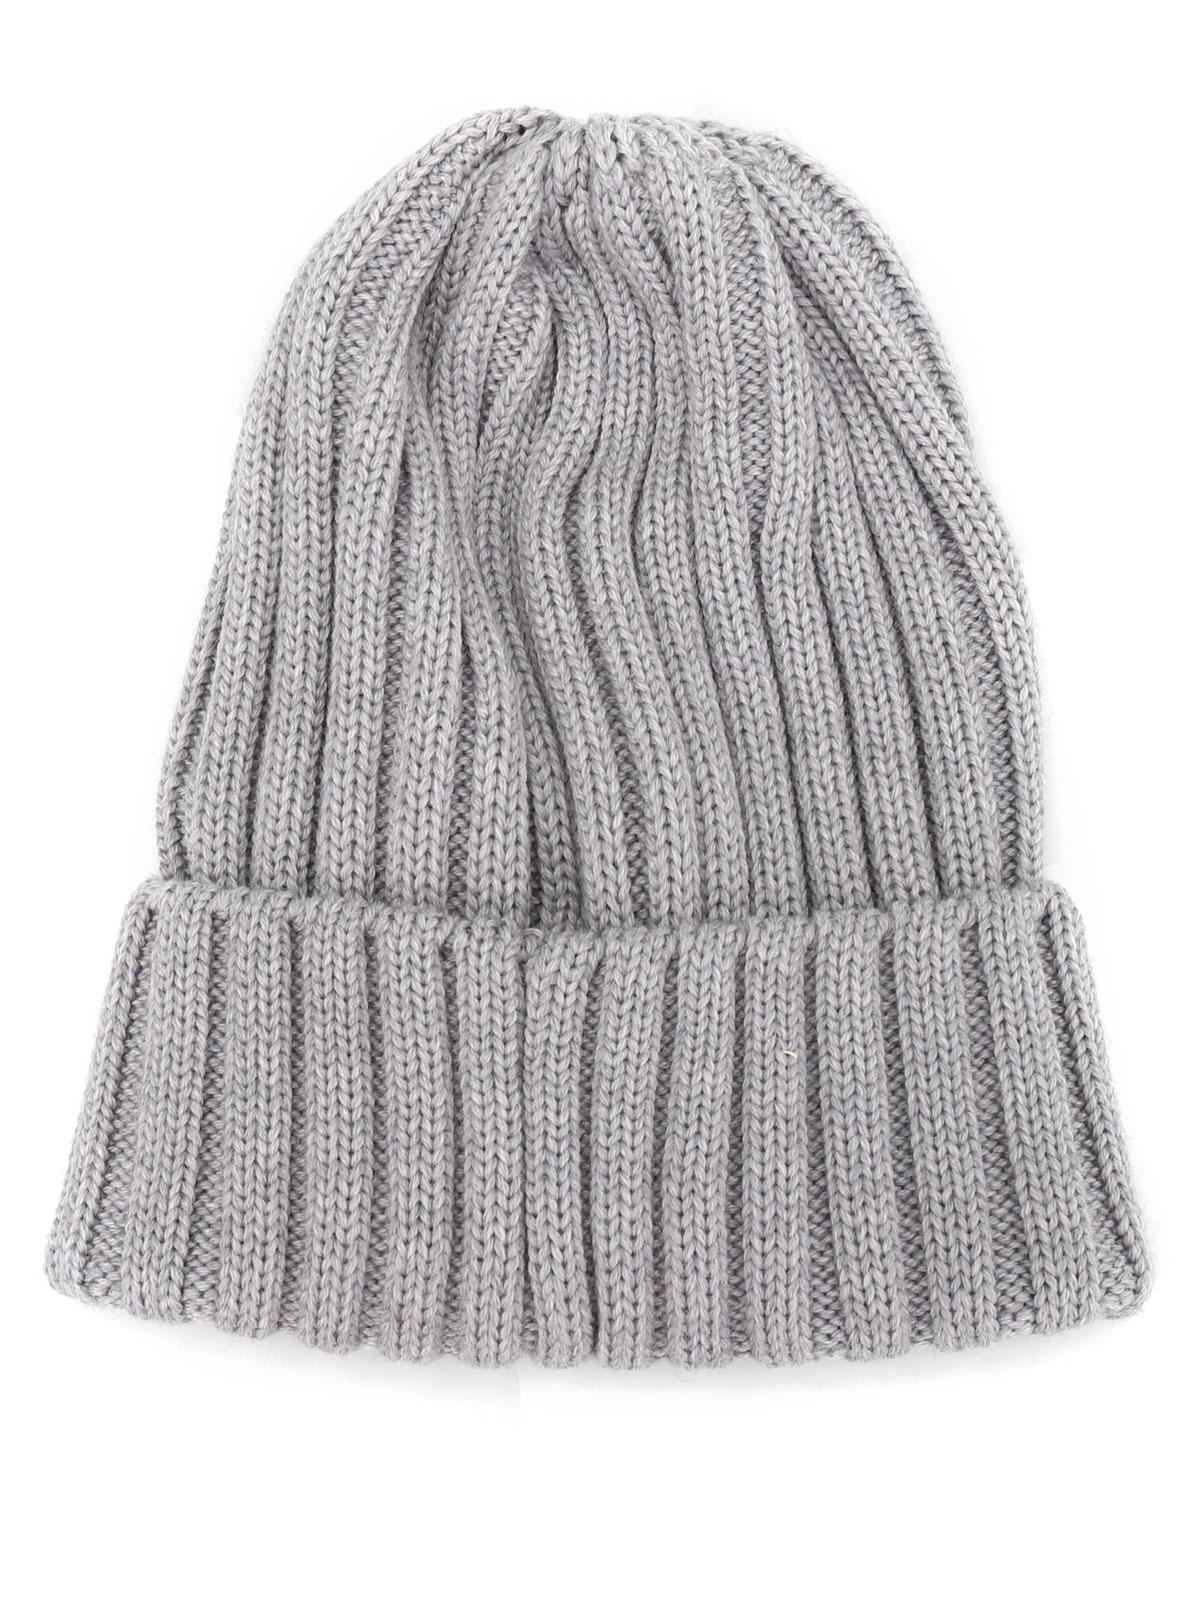 31000262de4 Moncler - Knit virgin wool beanie - beanies - B2 093 0022000 03510 987